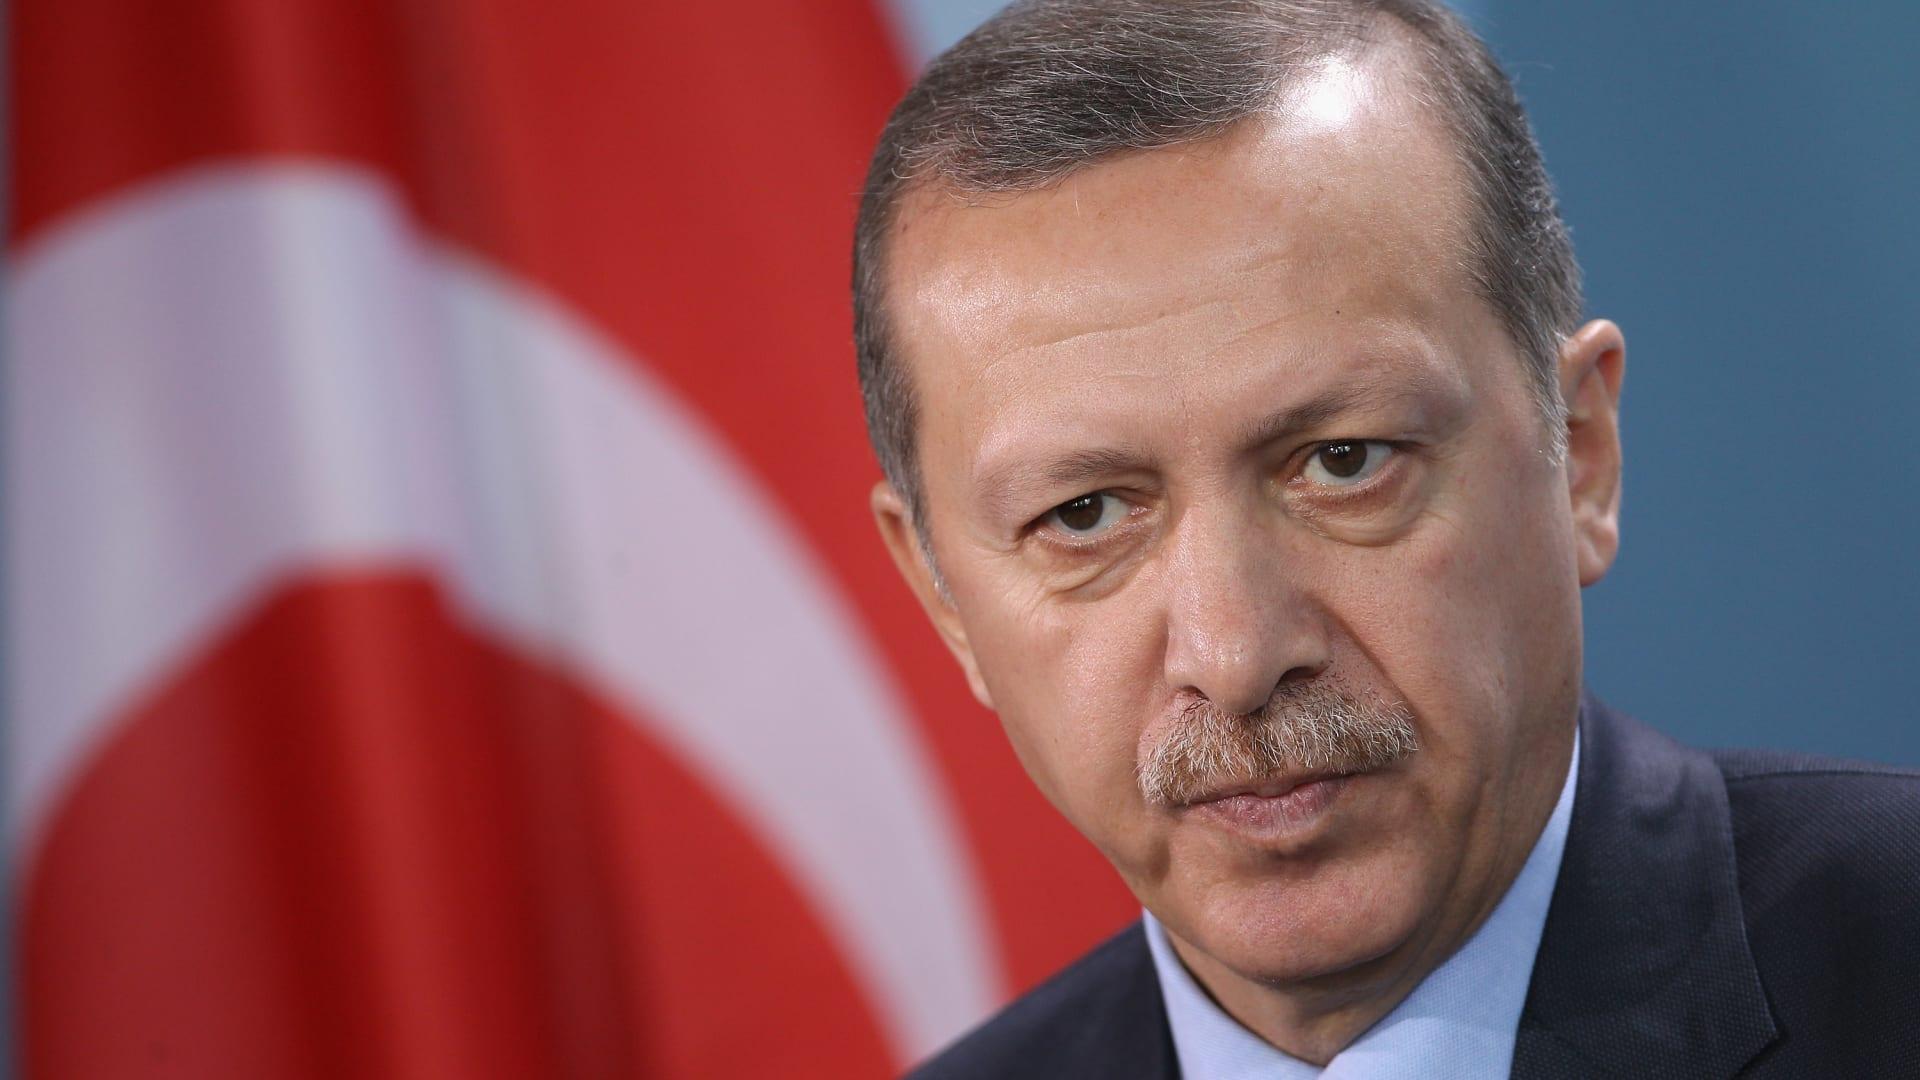 أردوغان يحدد موعداً للانتخابات الرئاسية: علينا تجاوز حالة الغموض بأسرع وقت